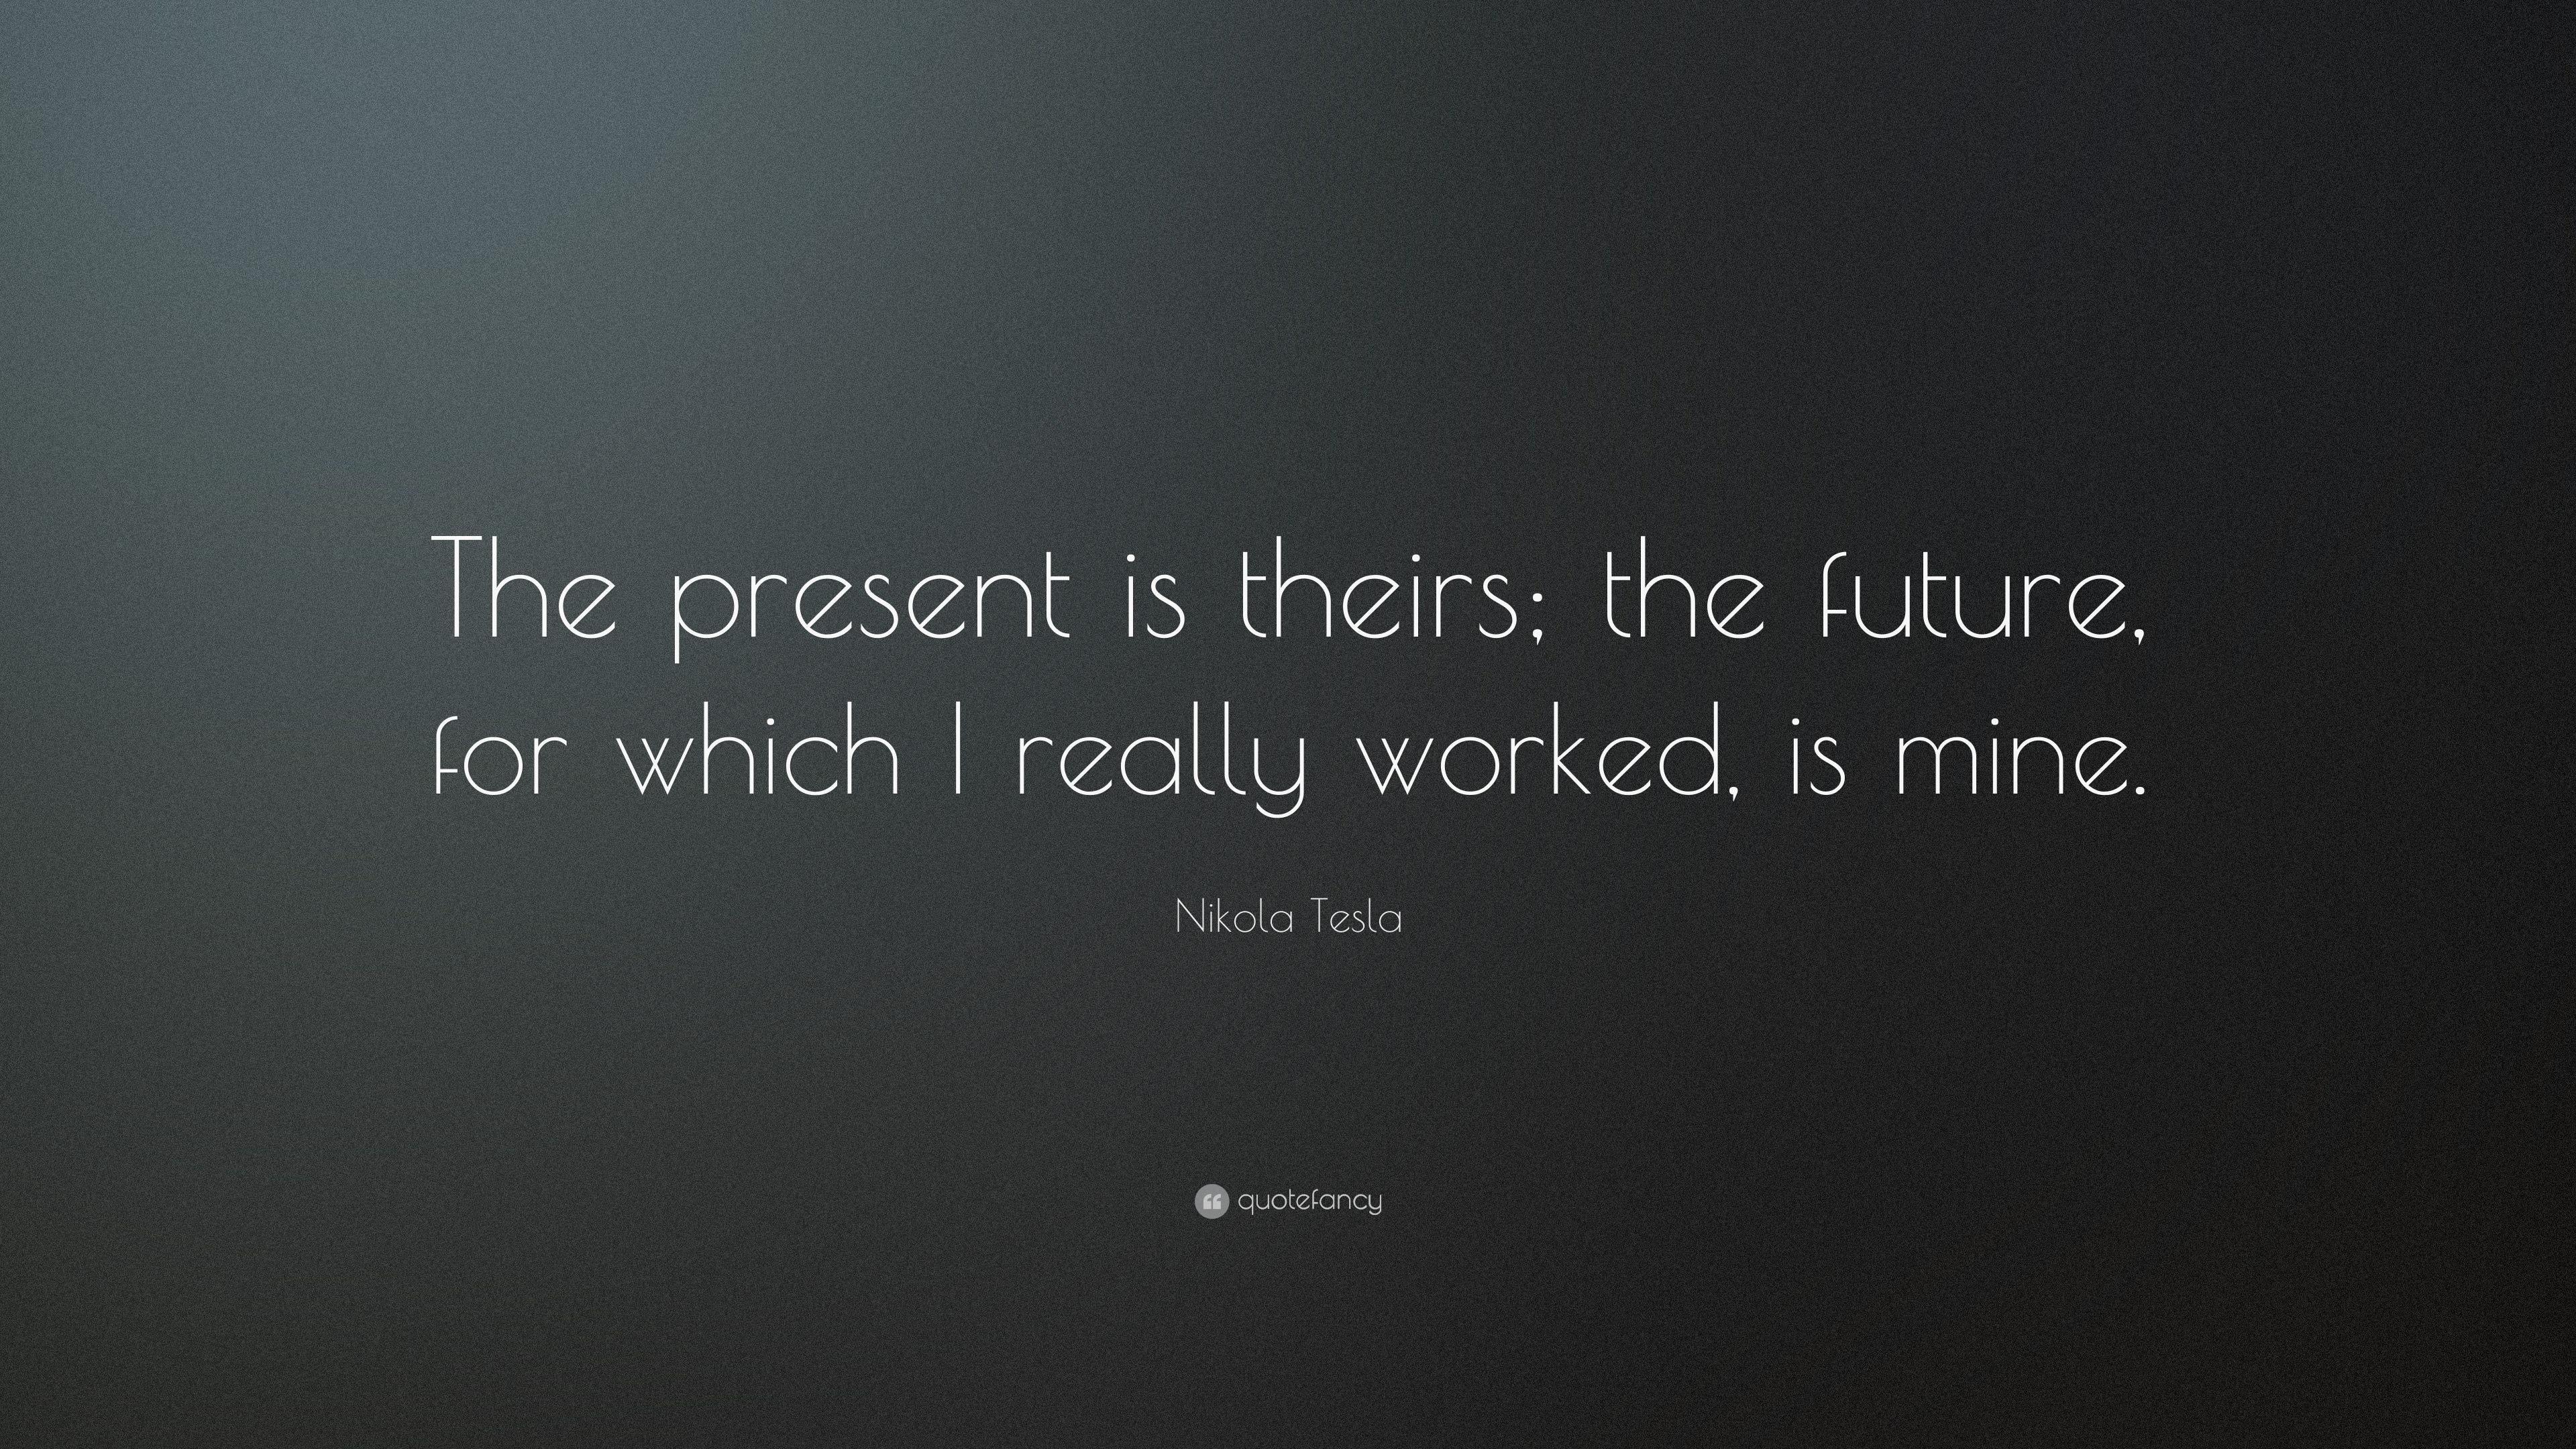 nikola tesla quotes 11 wallpapers quotefancy